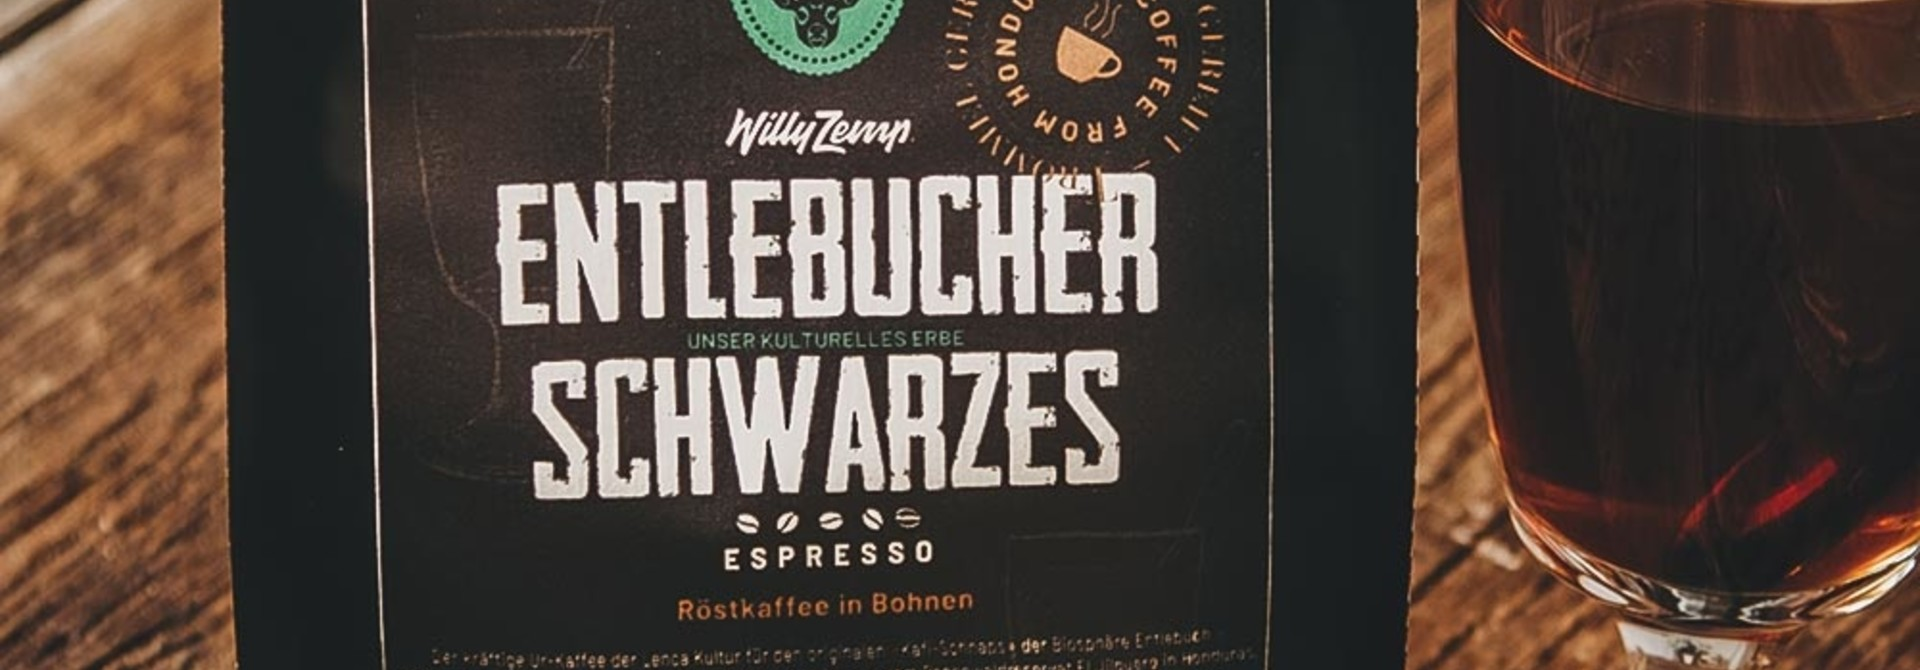 Entlebucher Schwarzes - Espresso Honduras